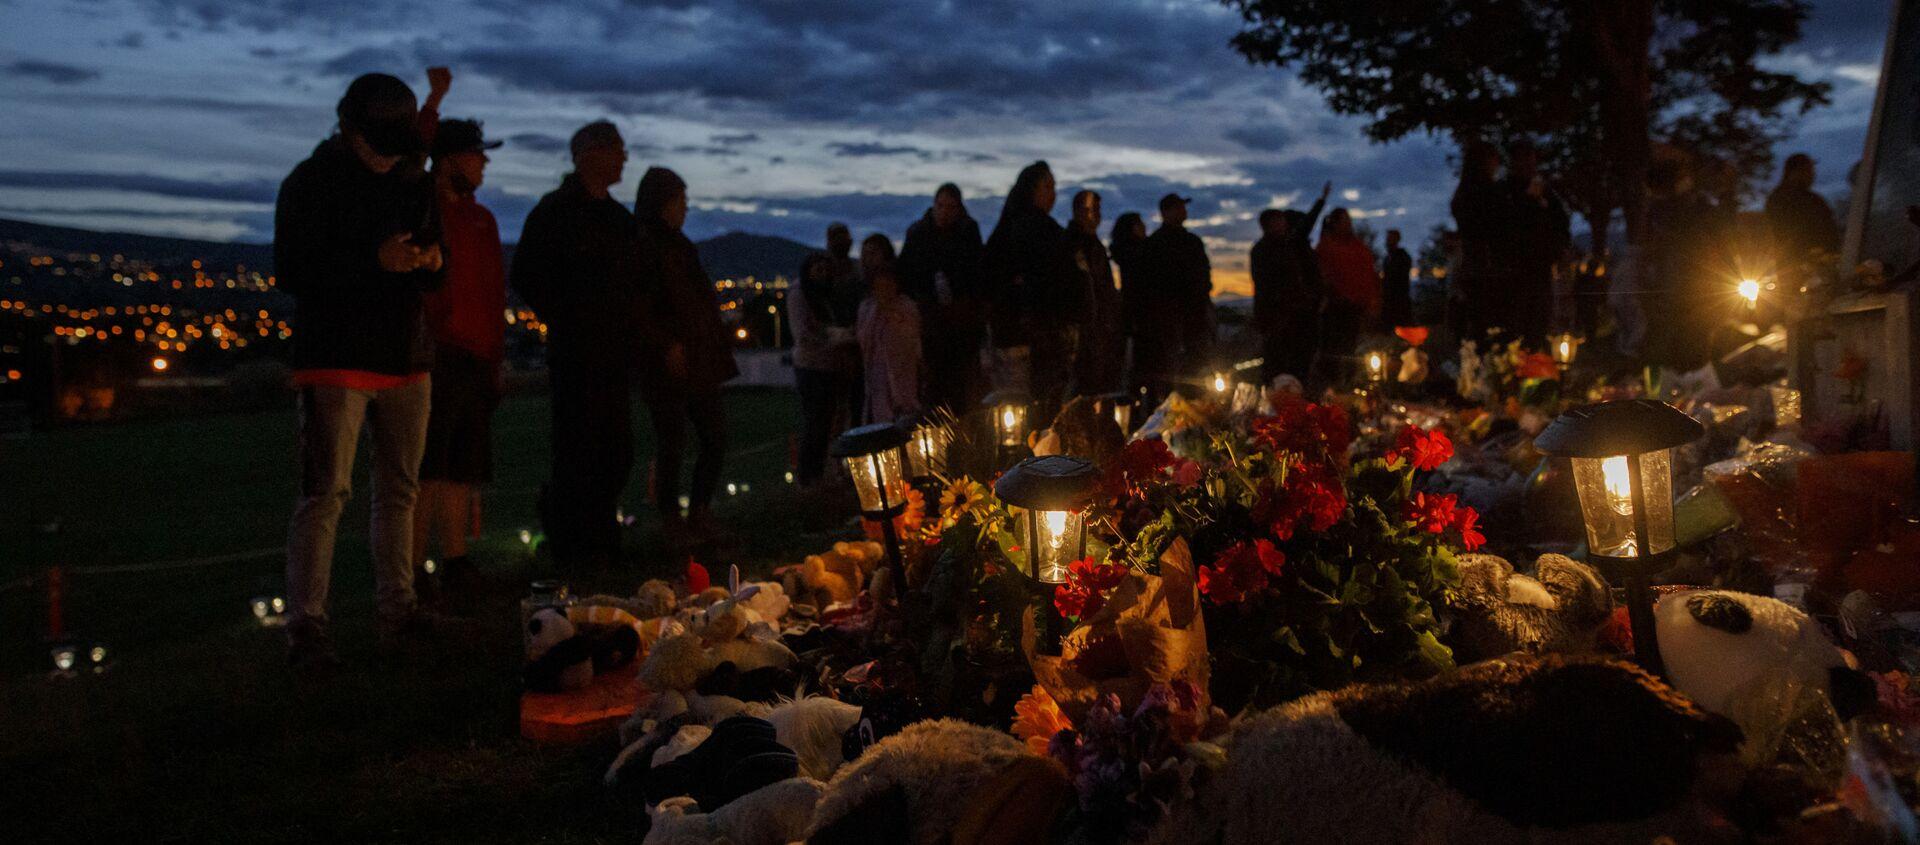 Ljudi odaju počast na mestu gde su nađeni posmrtni ostaci 215 dece starosedelačkih naroda u Kanadi - Sputnik Srbija, 1920, 25.06.2021